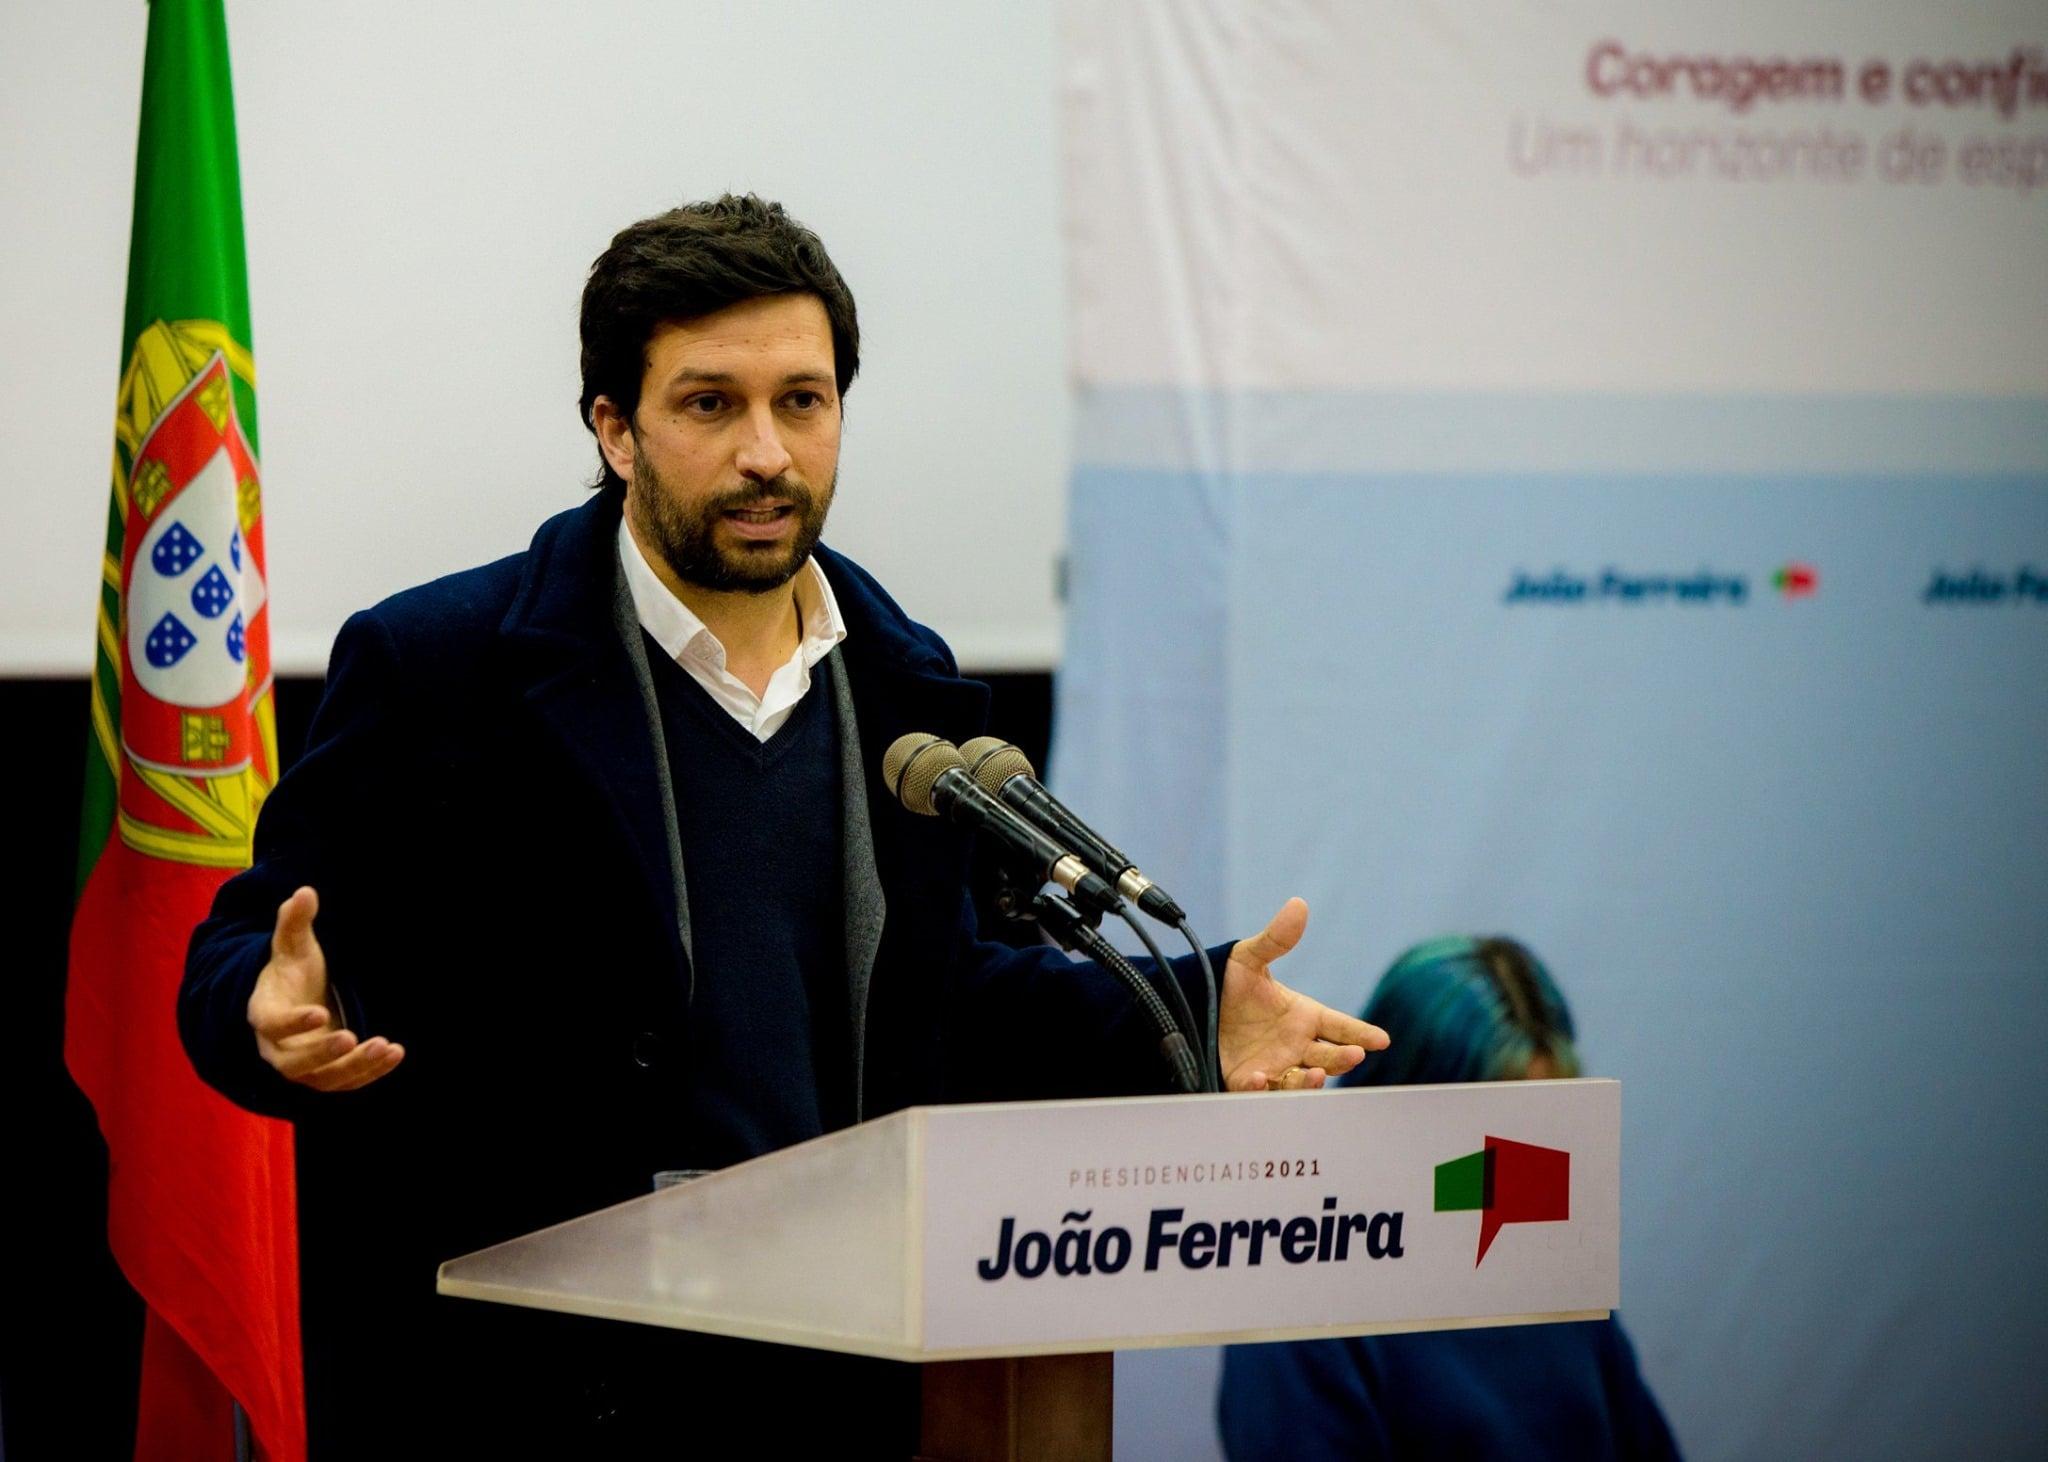 Presidenciais. João Ferreira pede em Braga consenso em torno da Constituição e critica silêncio de Marcelo